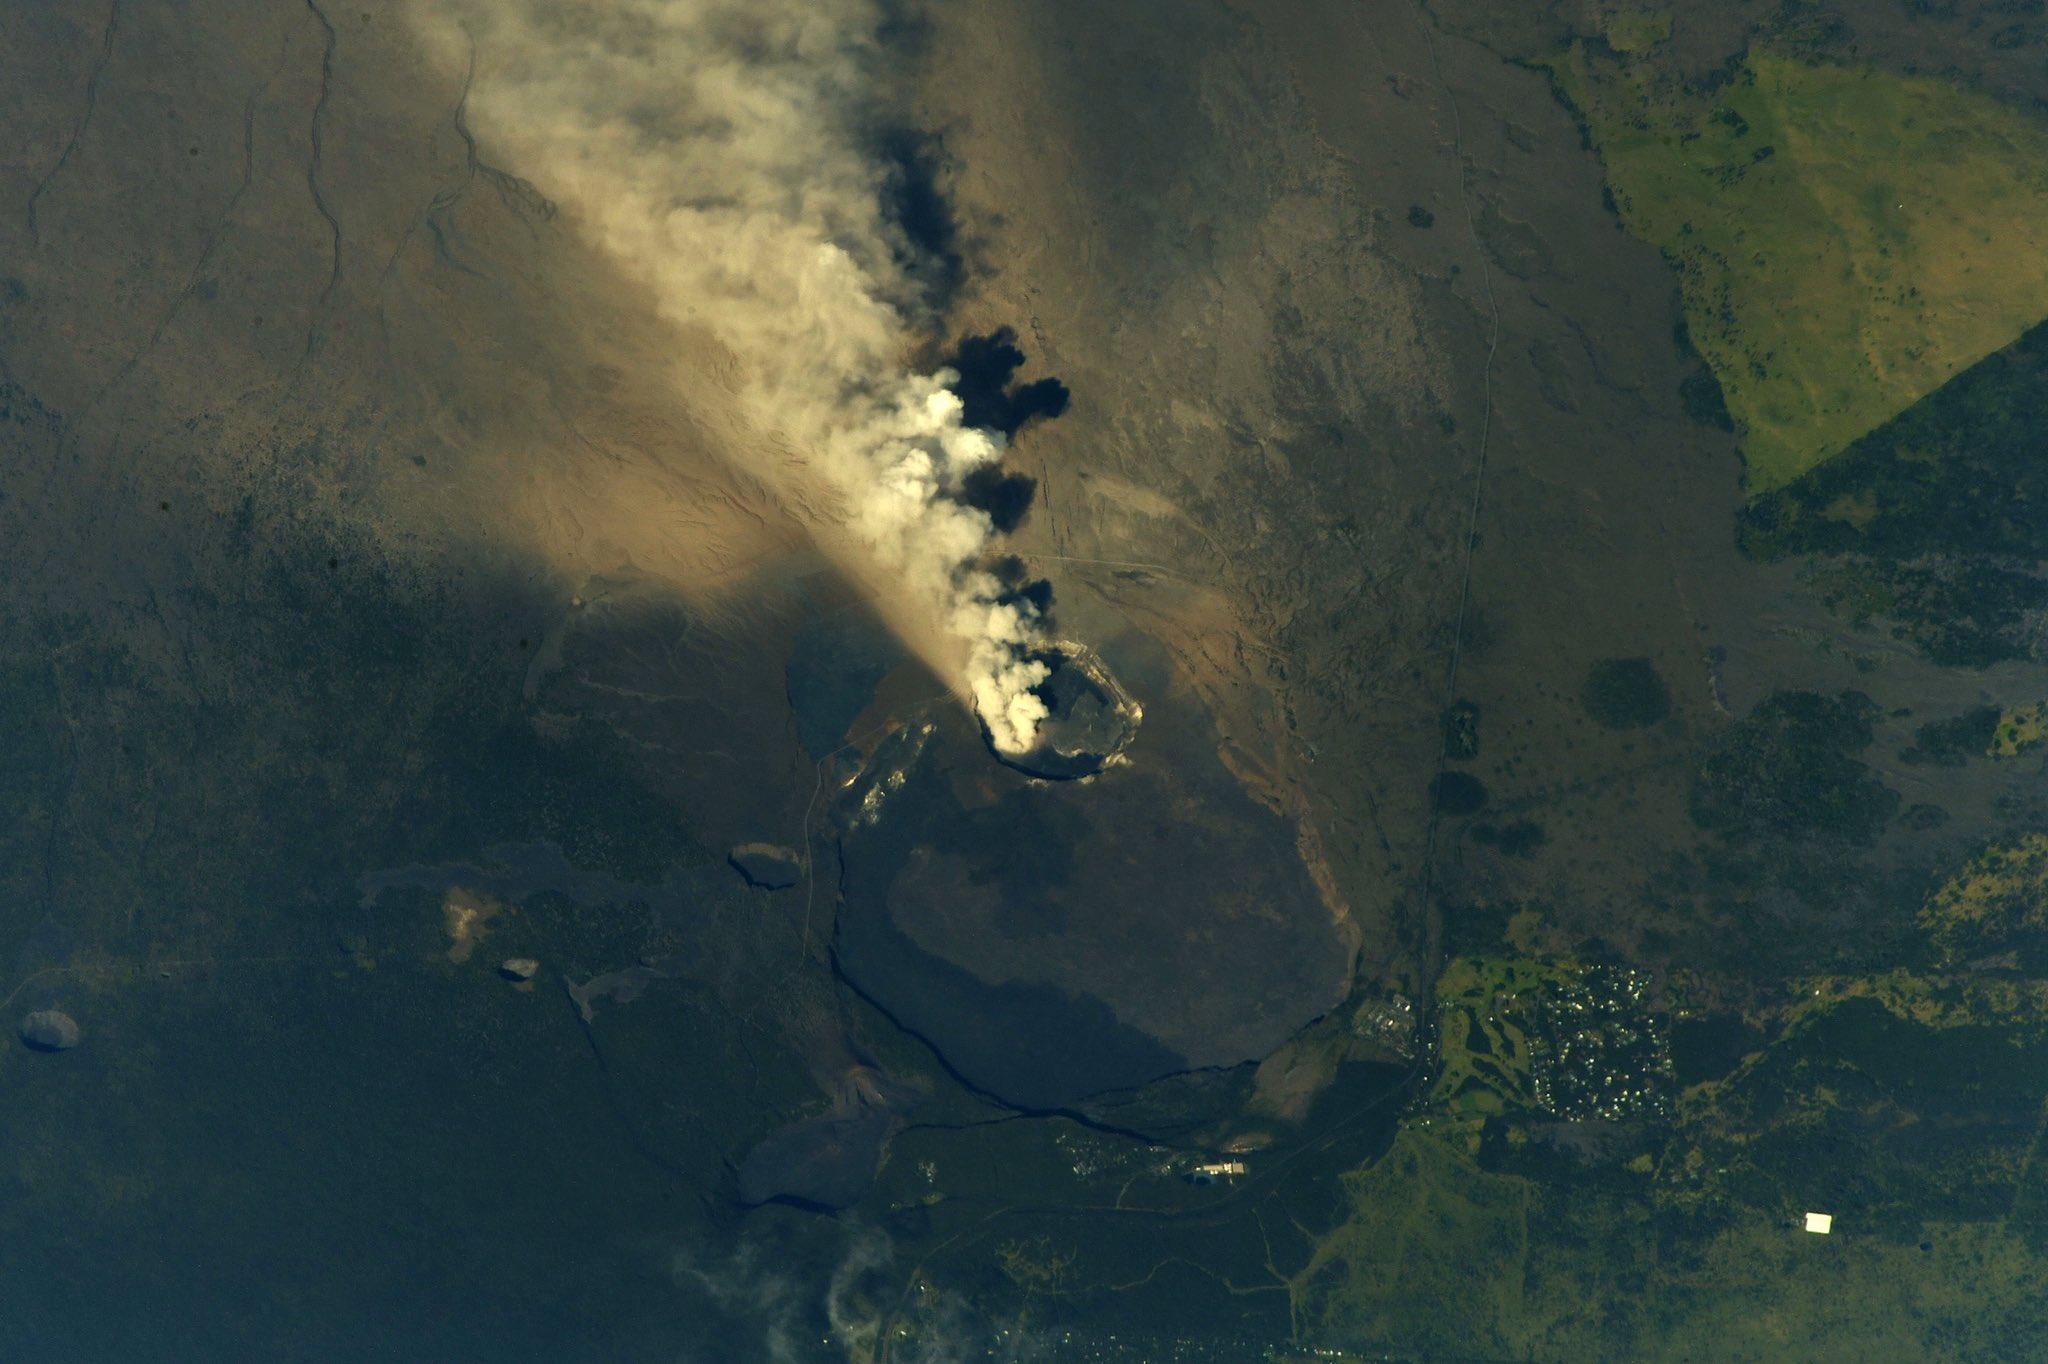 Hawaii's Kilauea, seen erupting in May of 2018.